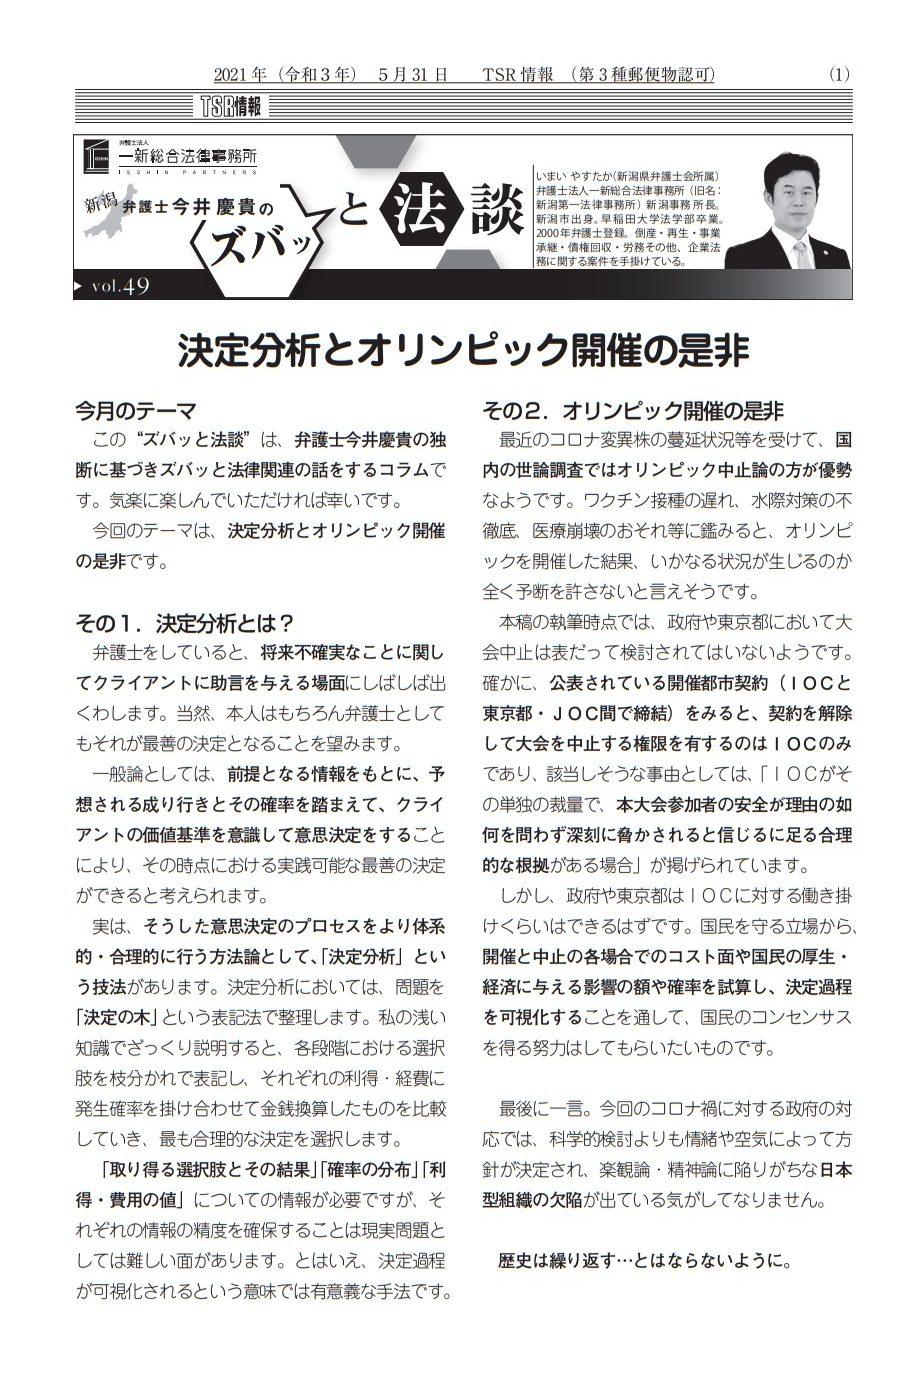 新潟 県 倒産 情報